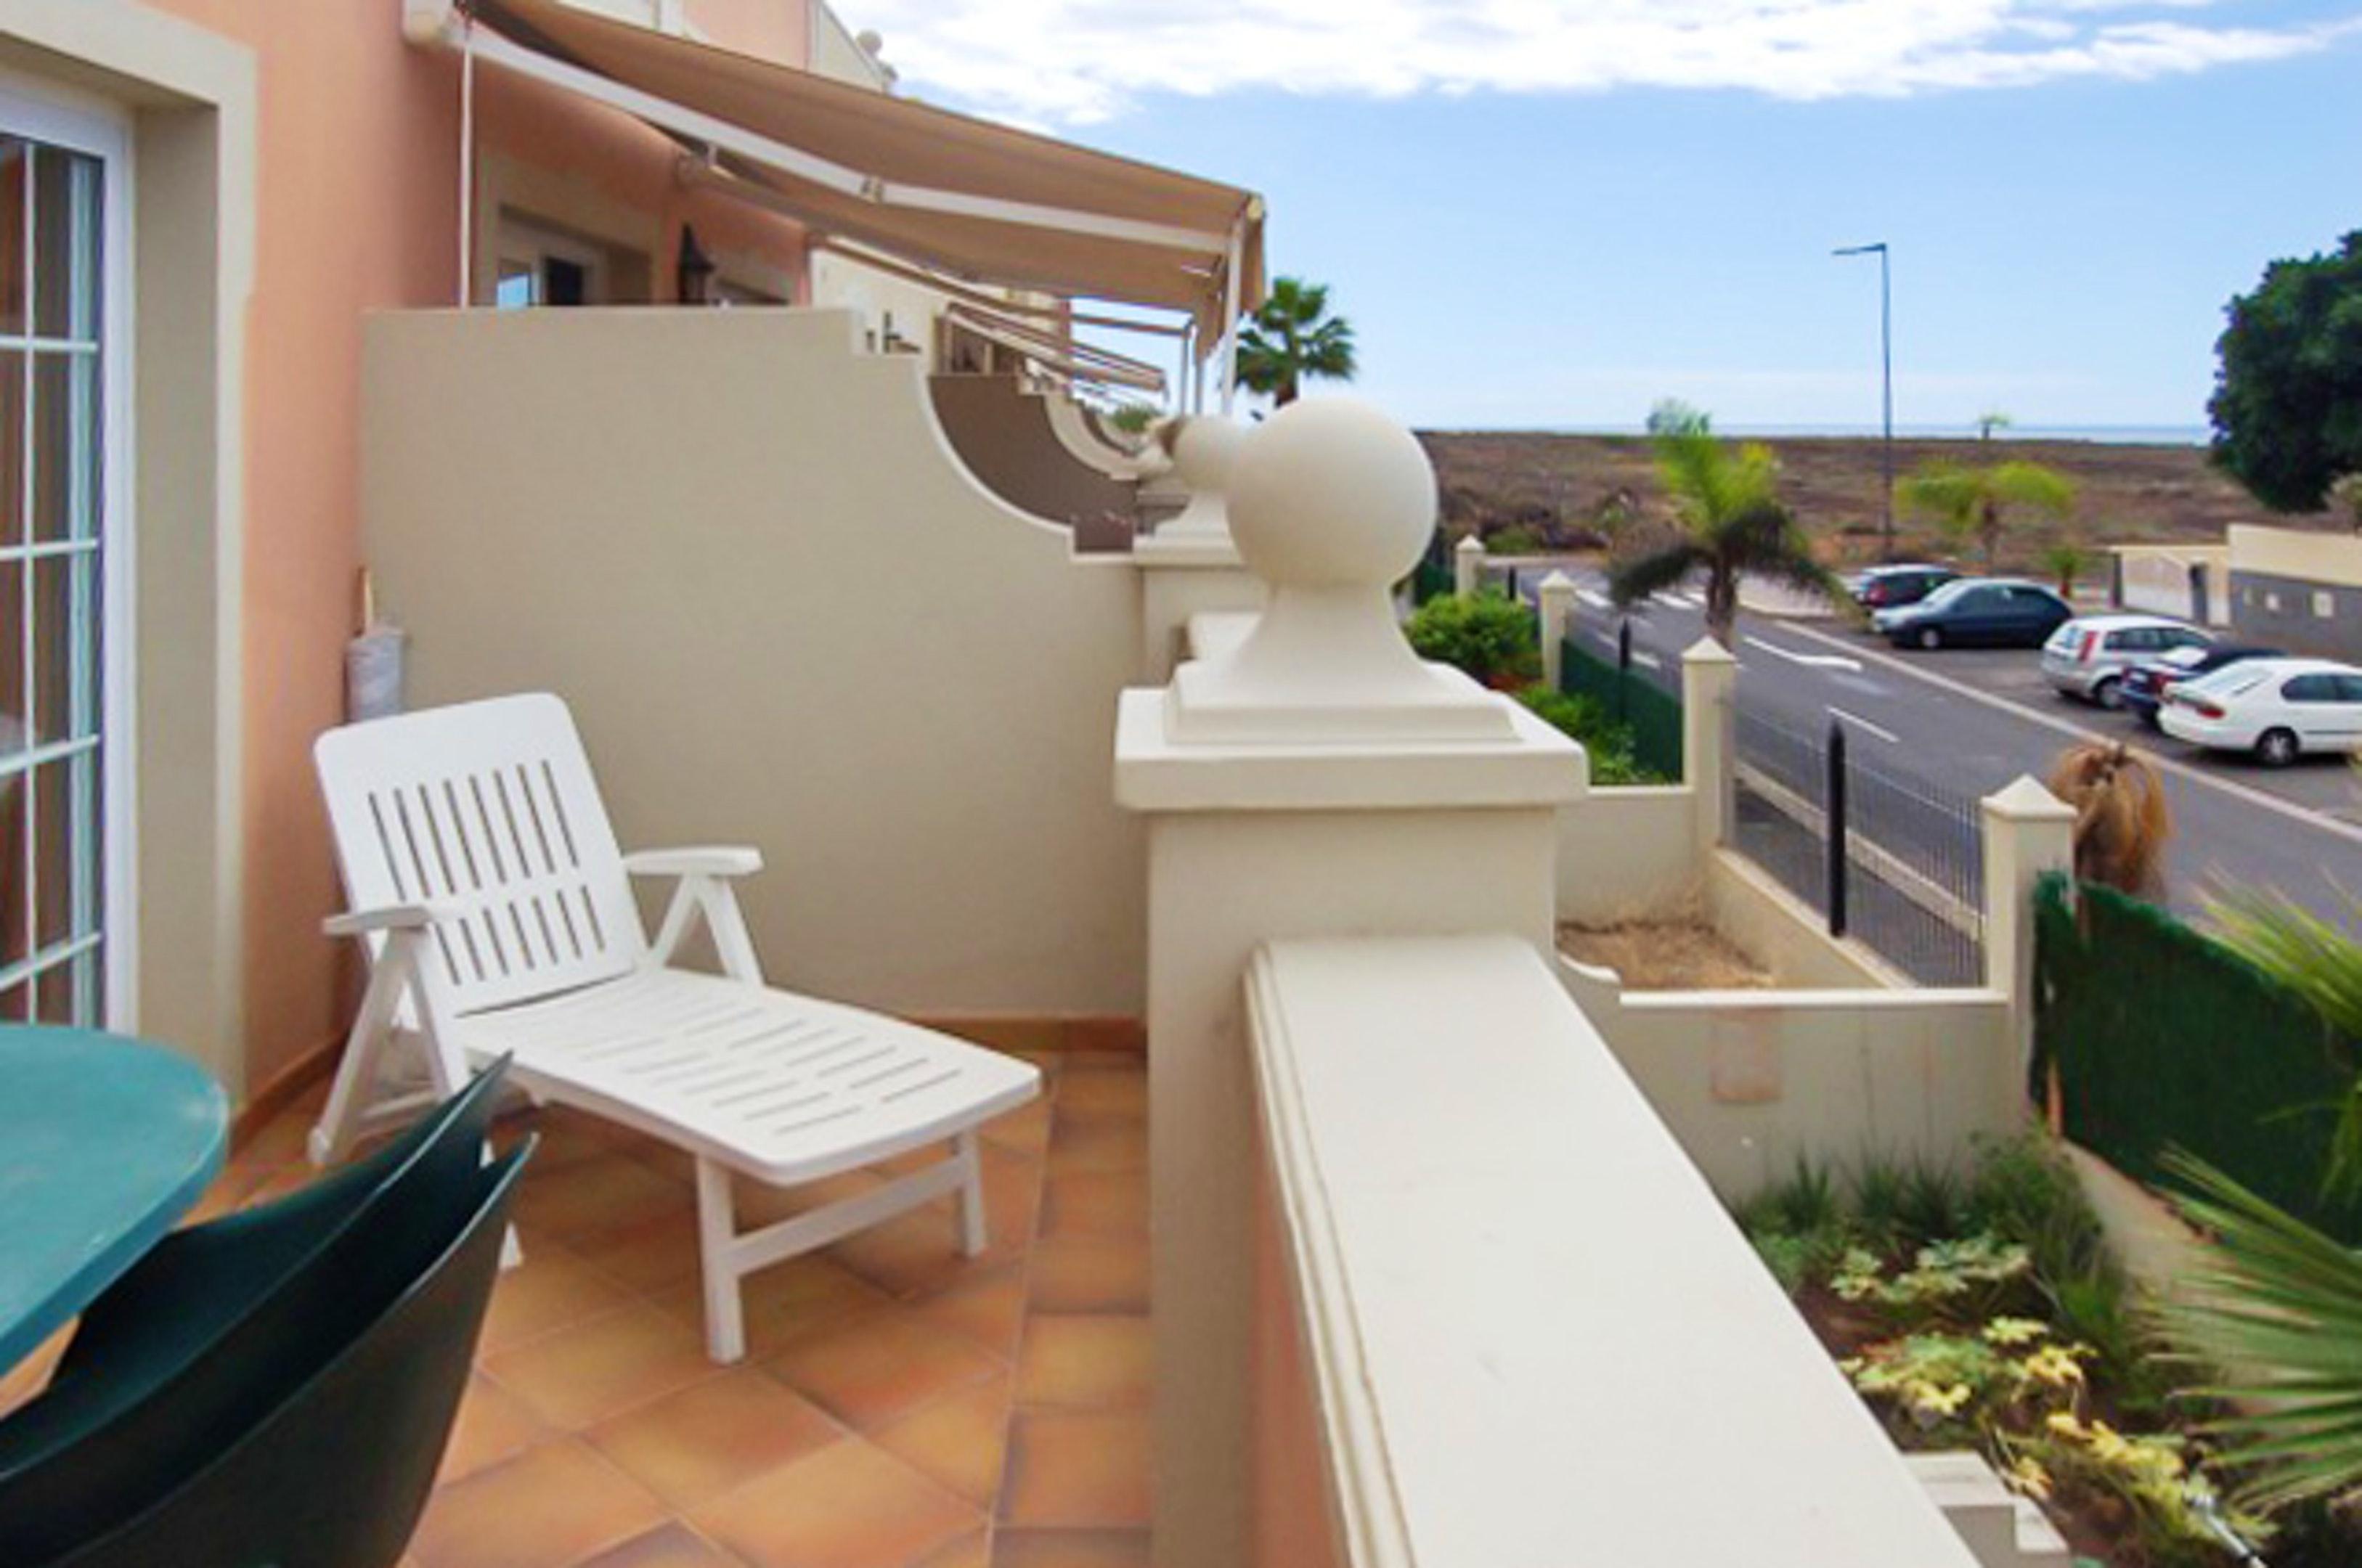 Appartement de vacances Wohnung mit 2 Schlafzimmern in Palm-Mar mit Pool, möblierter Terrasse und W-LAN - 800 m vo (2201692), Palm-Mar, Ténérife, Iles Canaries, Espagne, image 2